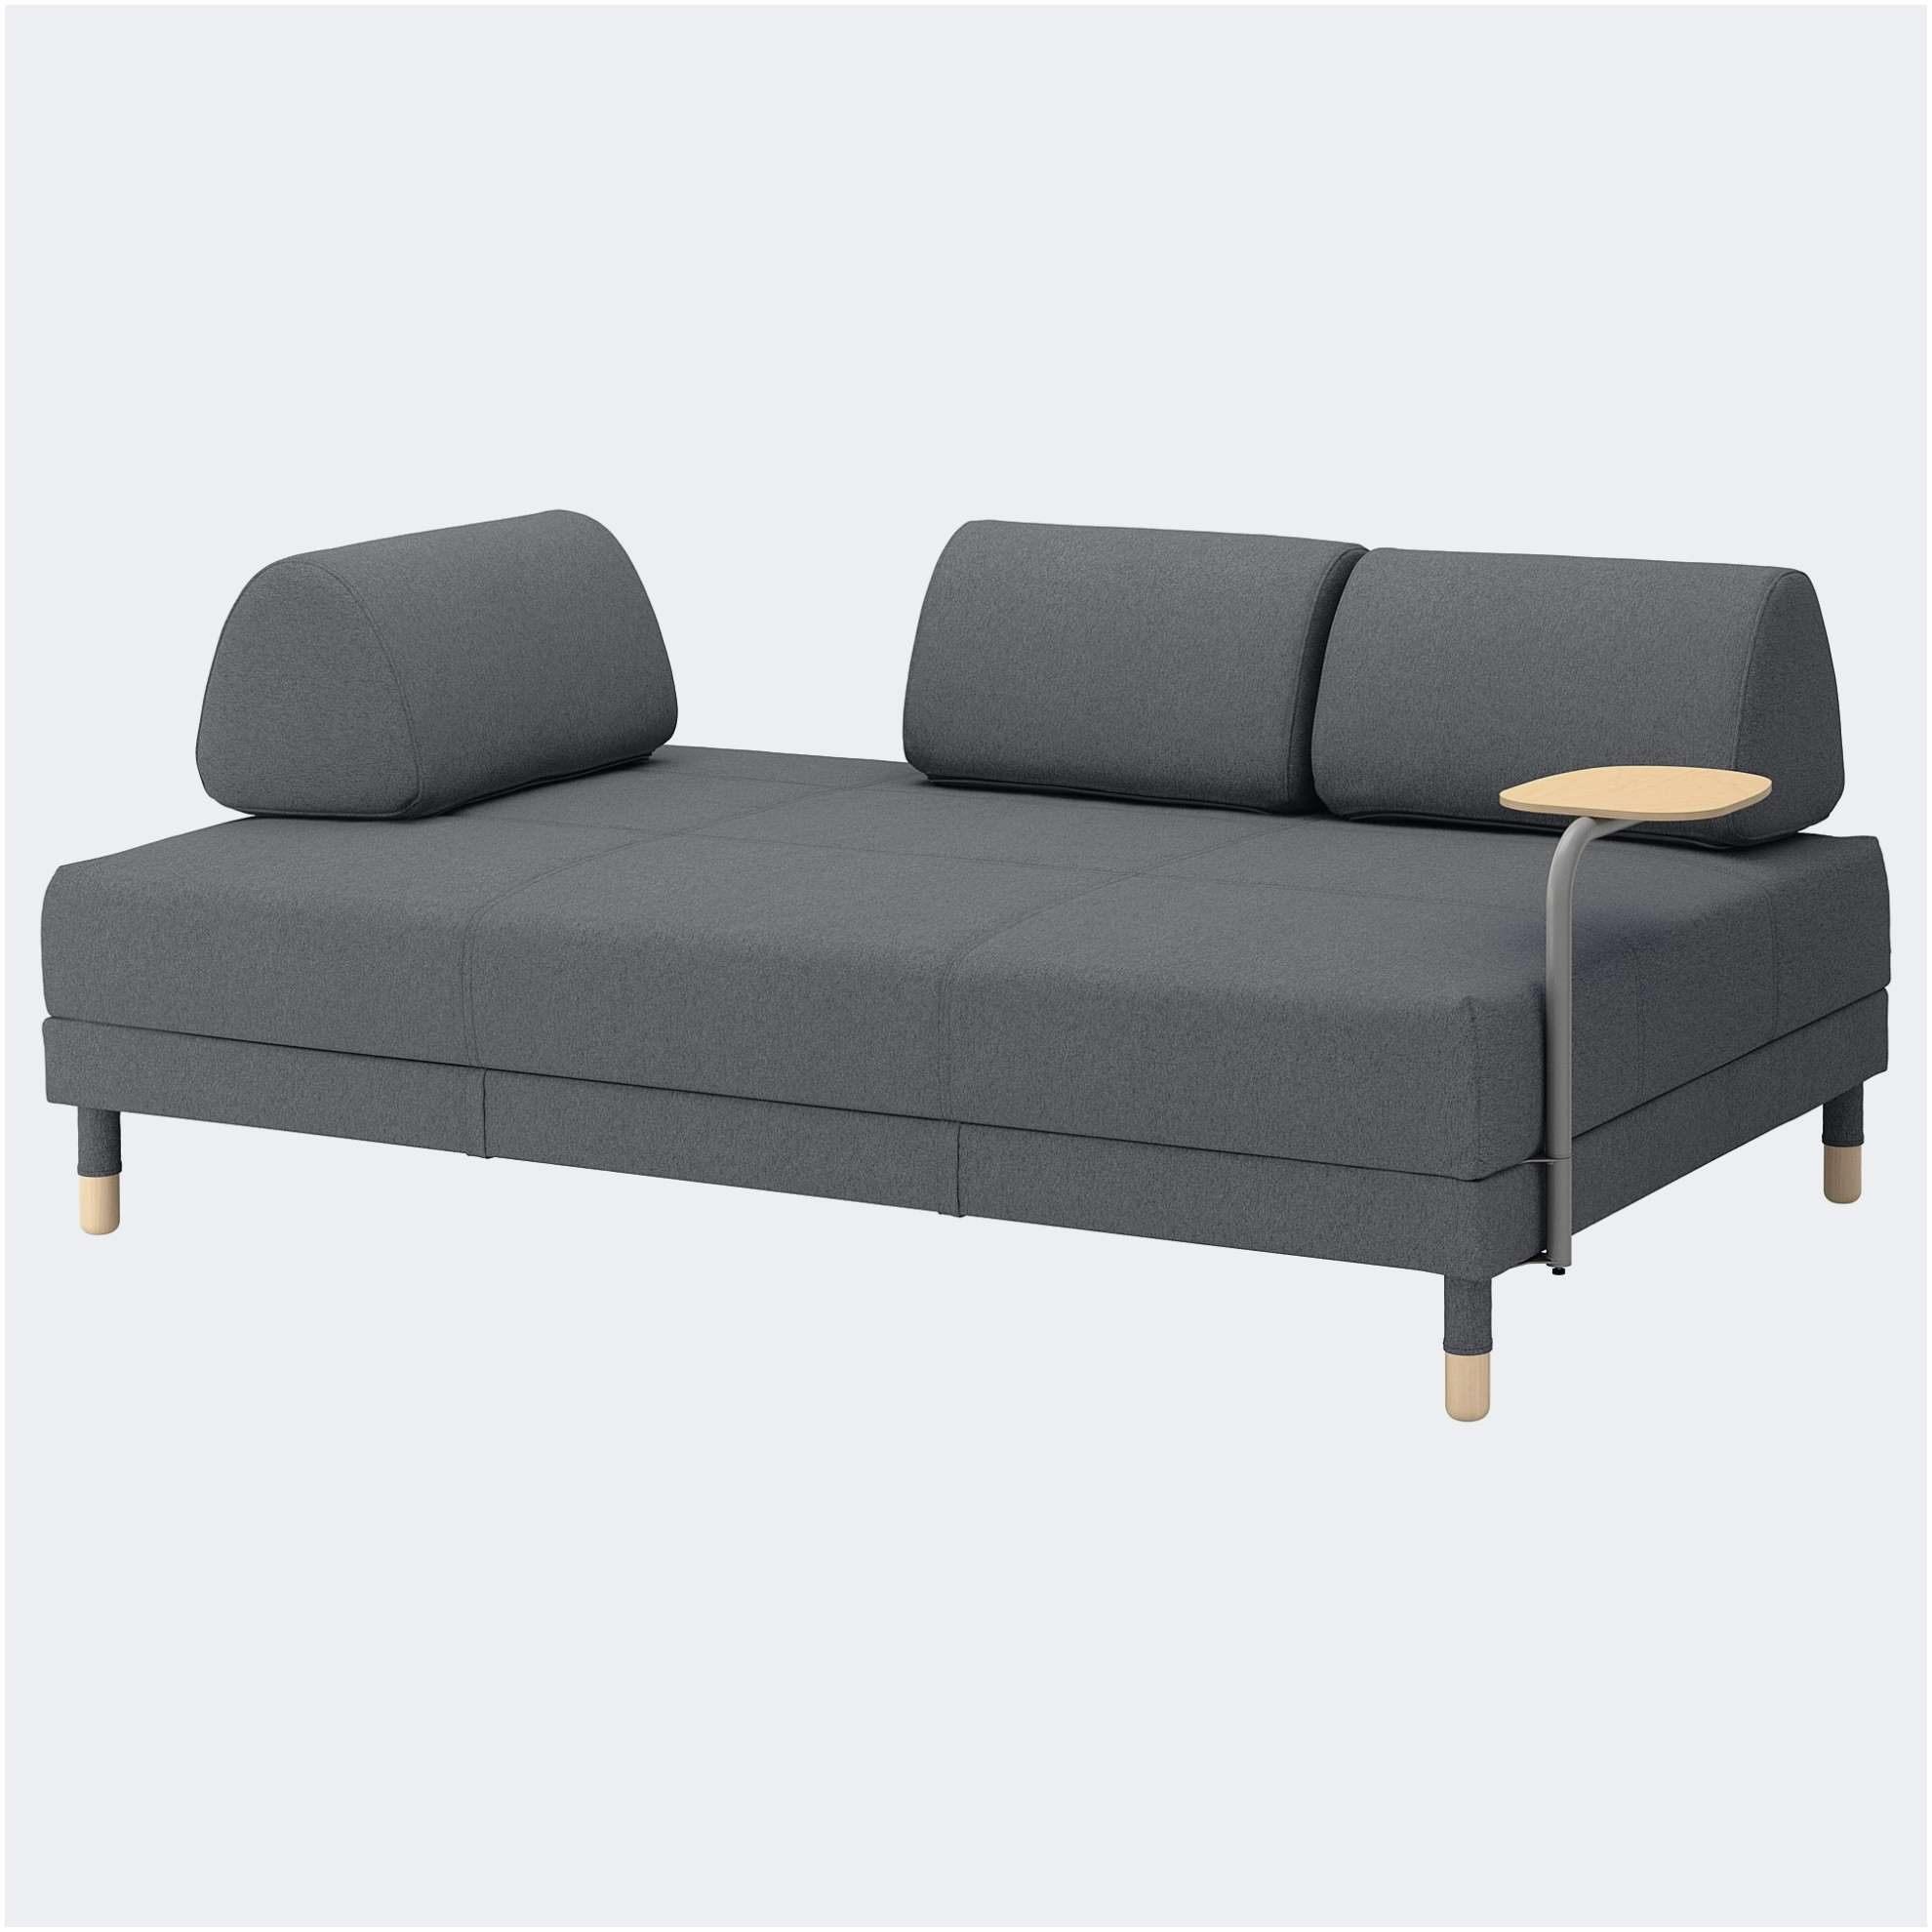 Lit Escamotable Canapé Ikea Frais Luxe Le Meilleur De Avec Superbe Canapé Lit Convertible Pour Votre